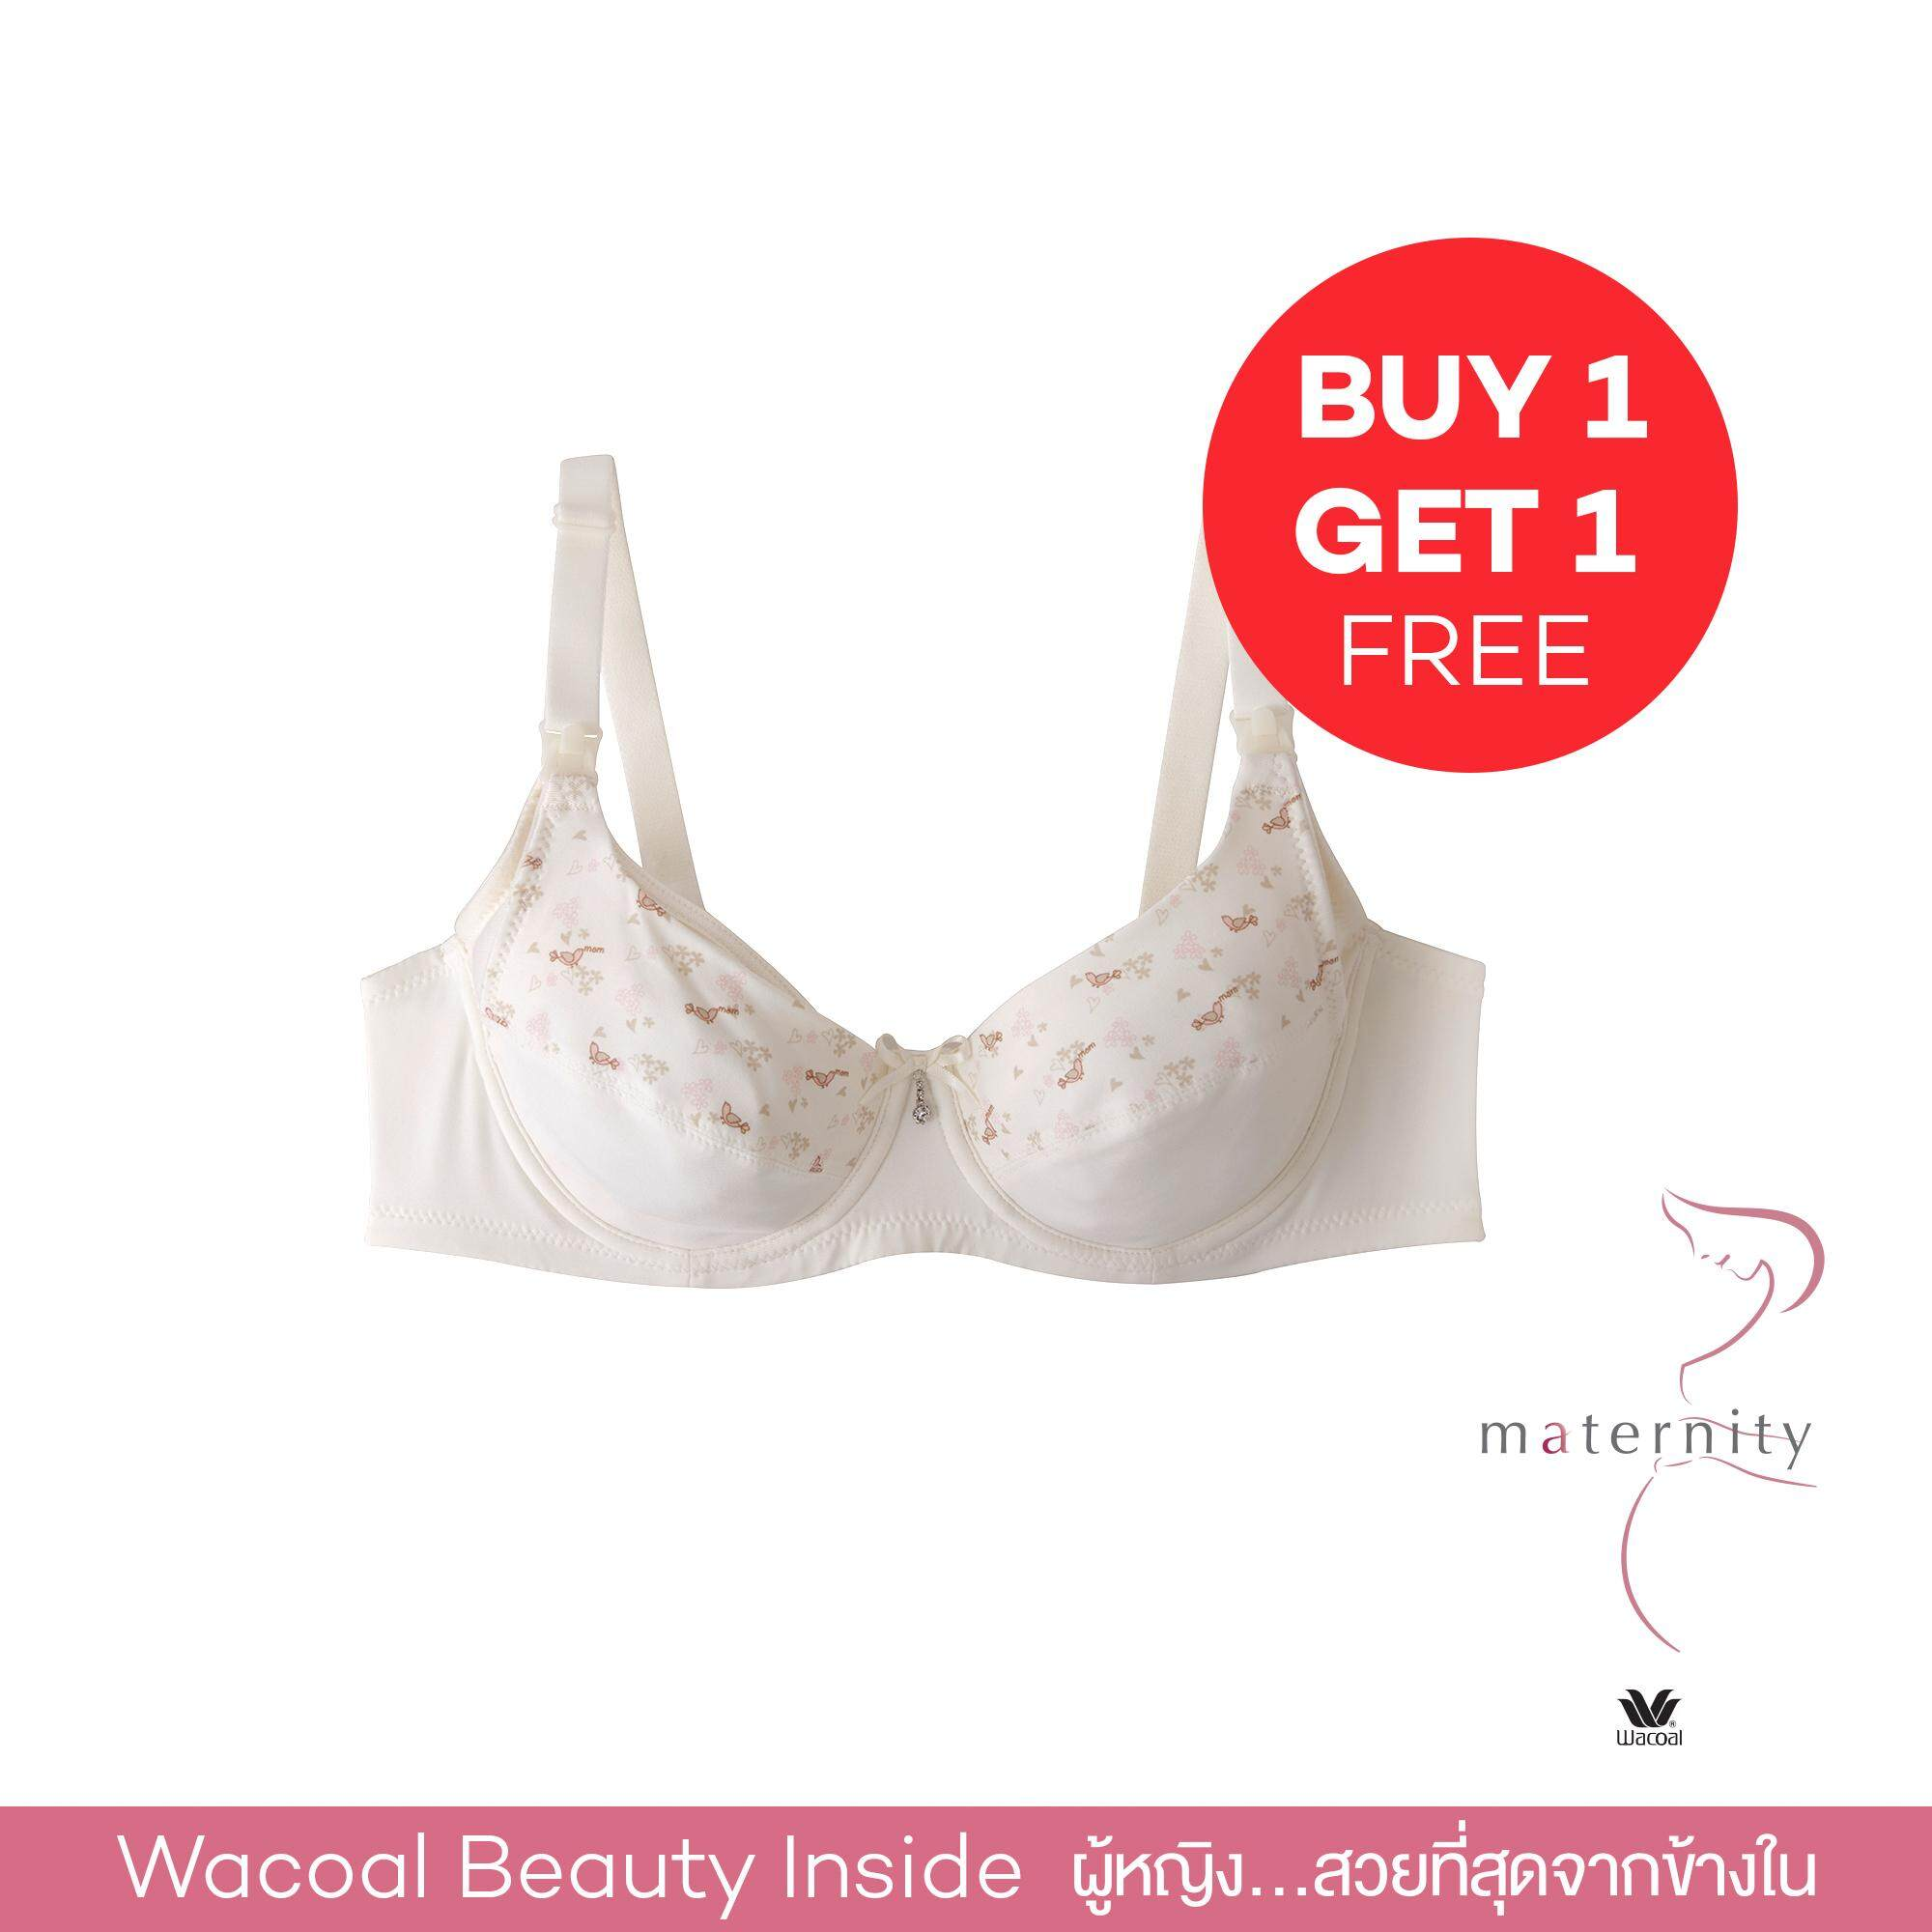 Wacoal Maternity ซื้อ 1 แถม 1 บราสำหรับคุณแม่หลังคลอด 4/5 cup  - WM1079